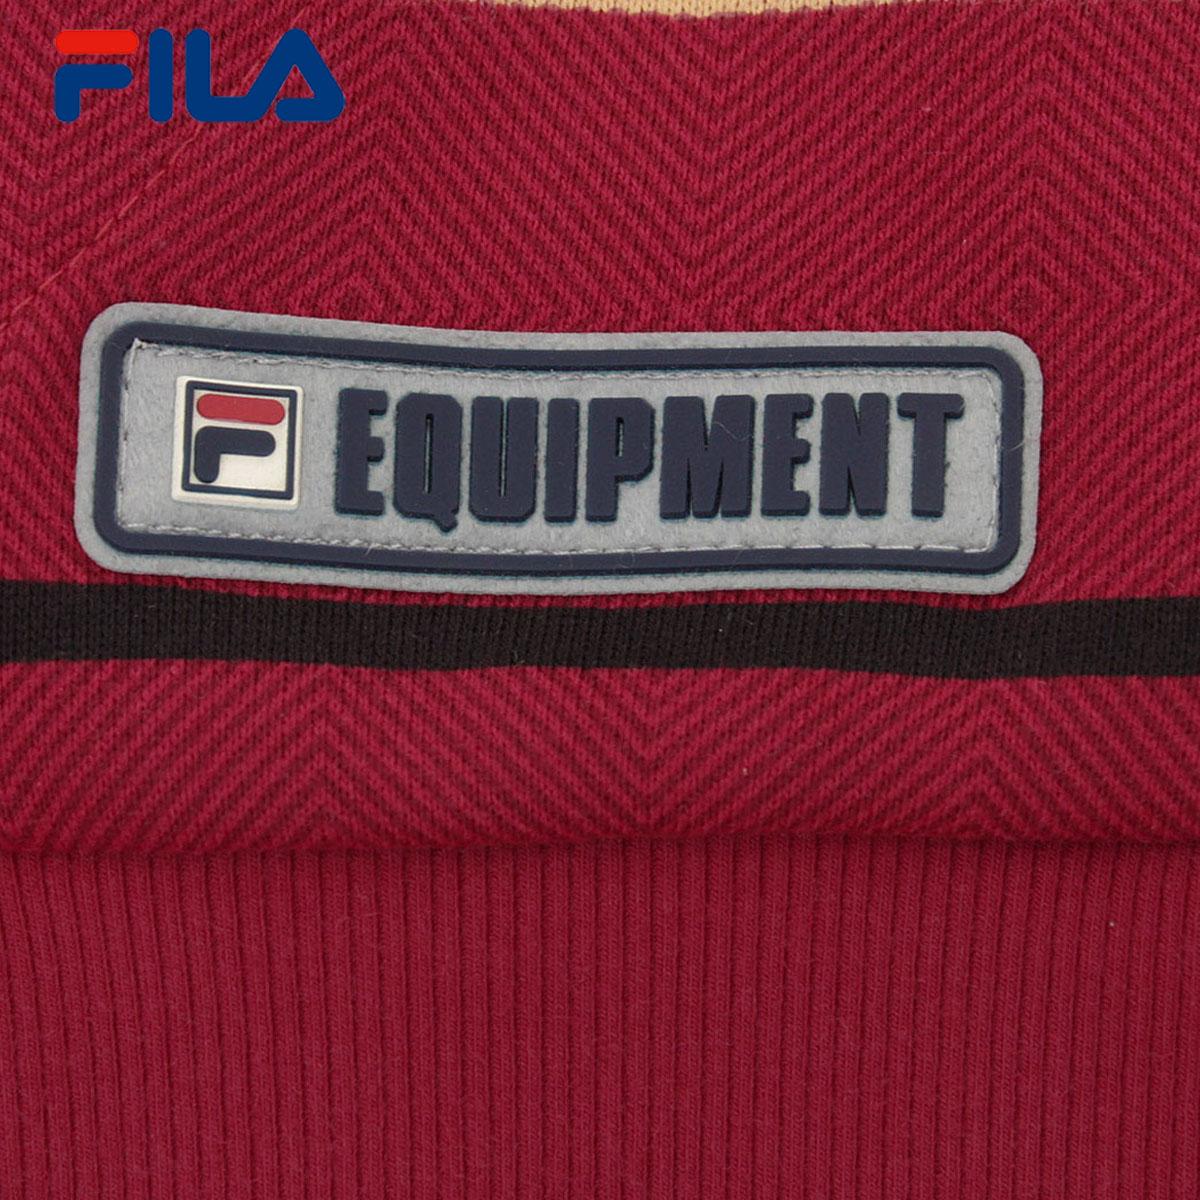 Спортивная толстовка Fila 5045231/2. 5045231-2 Женские Осень 2010